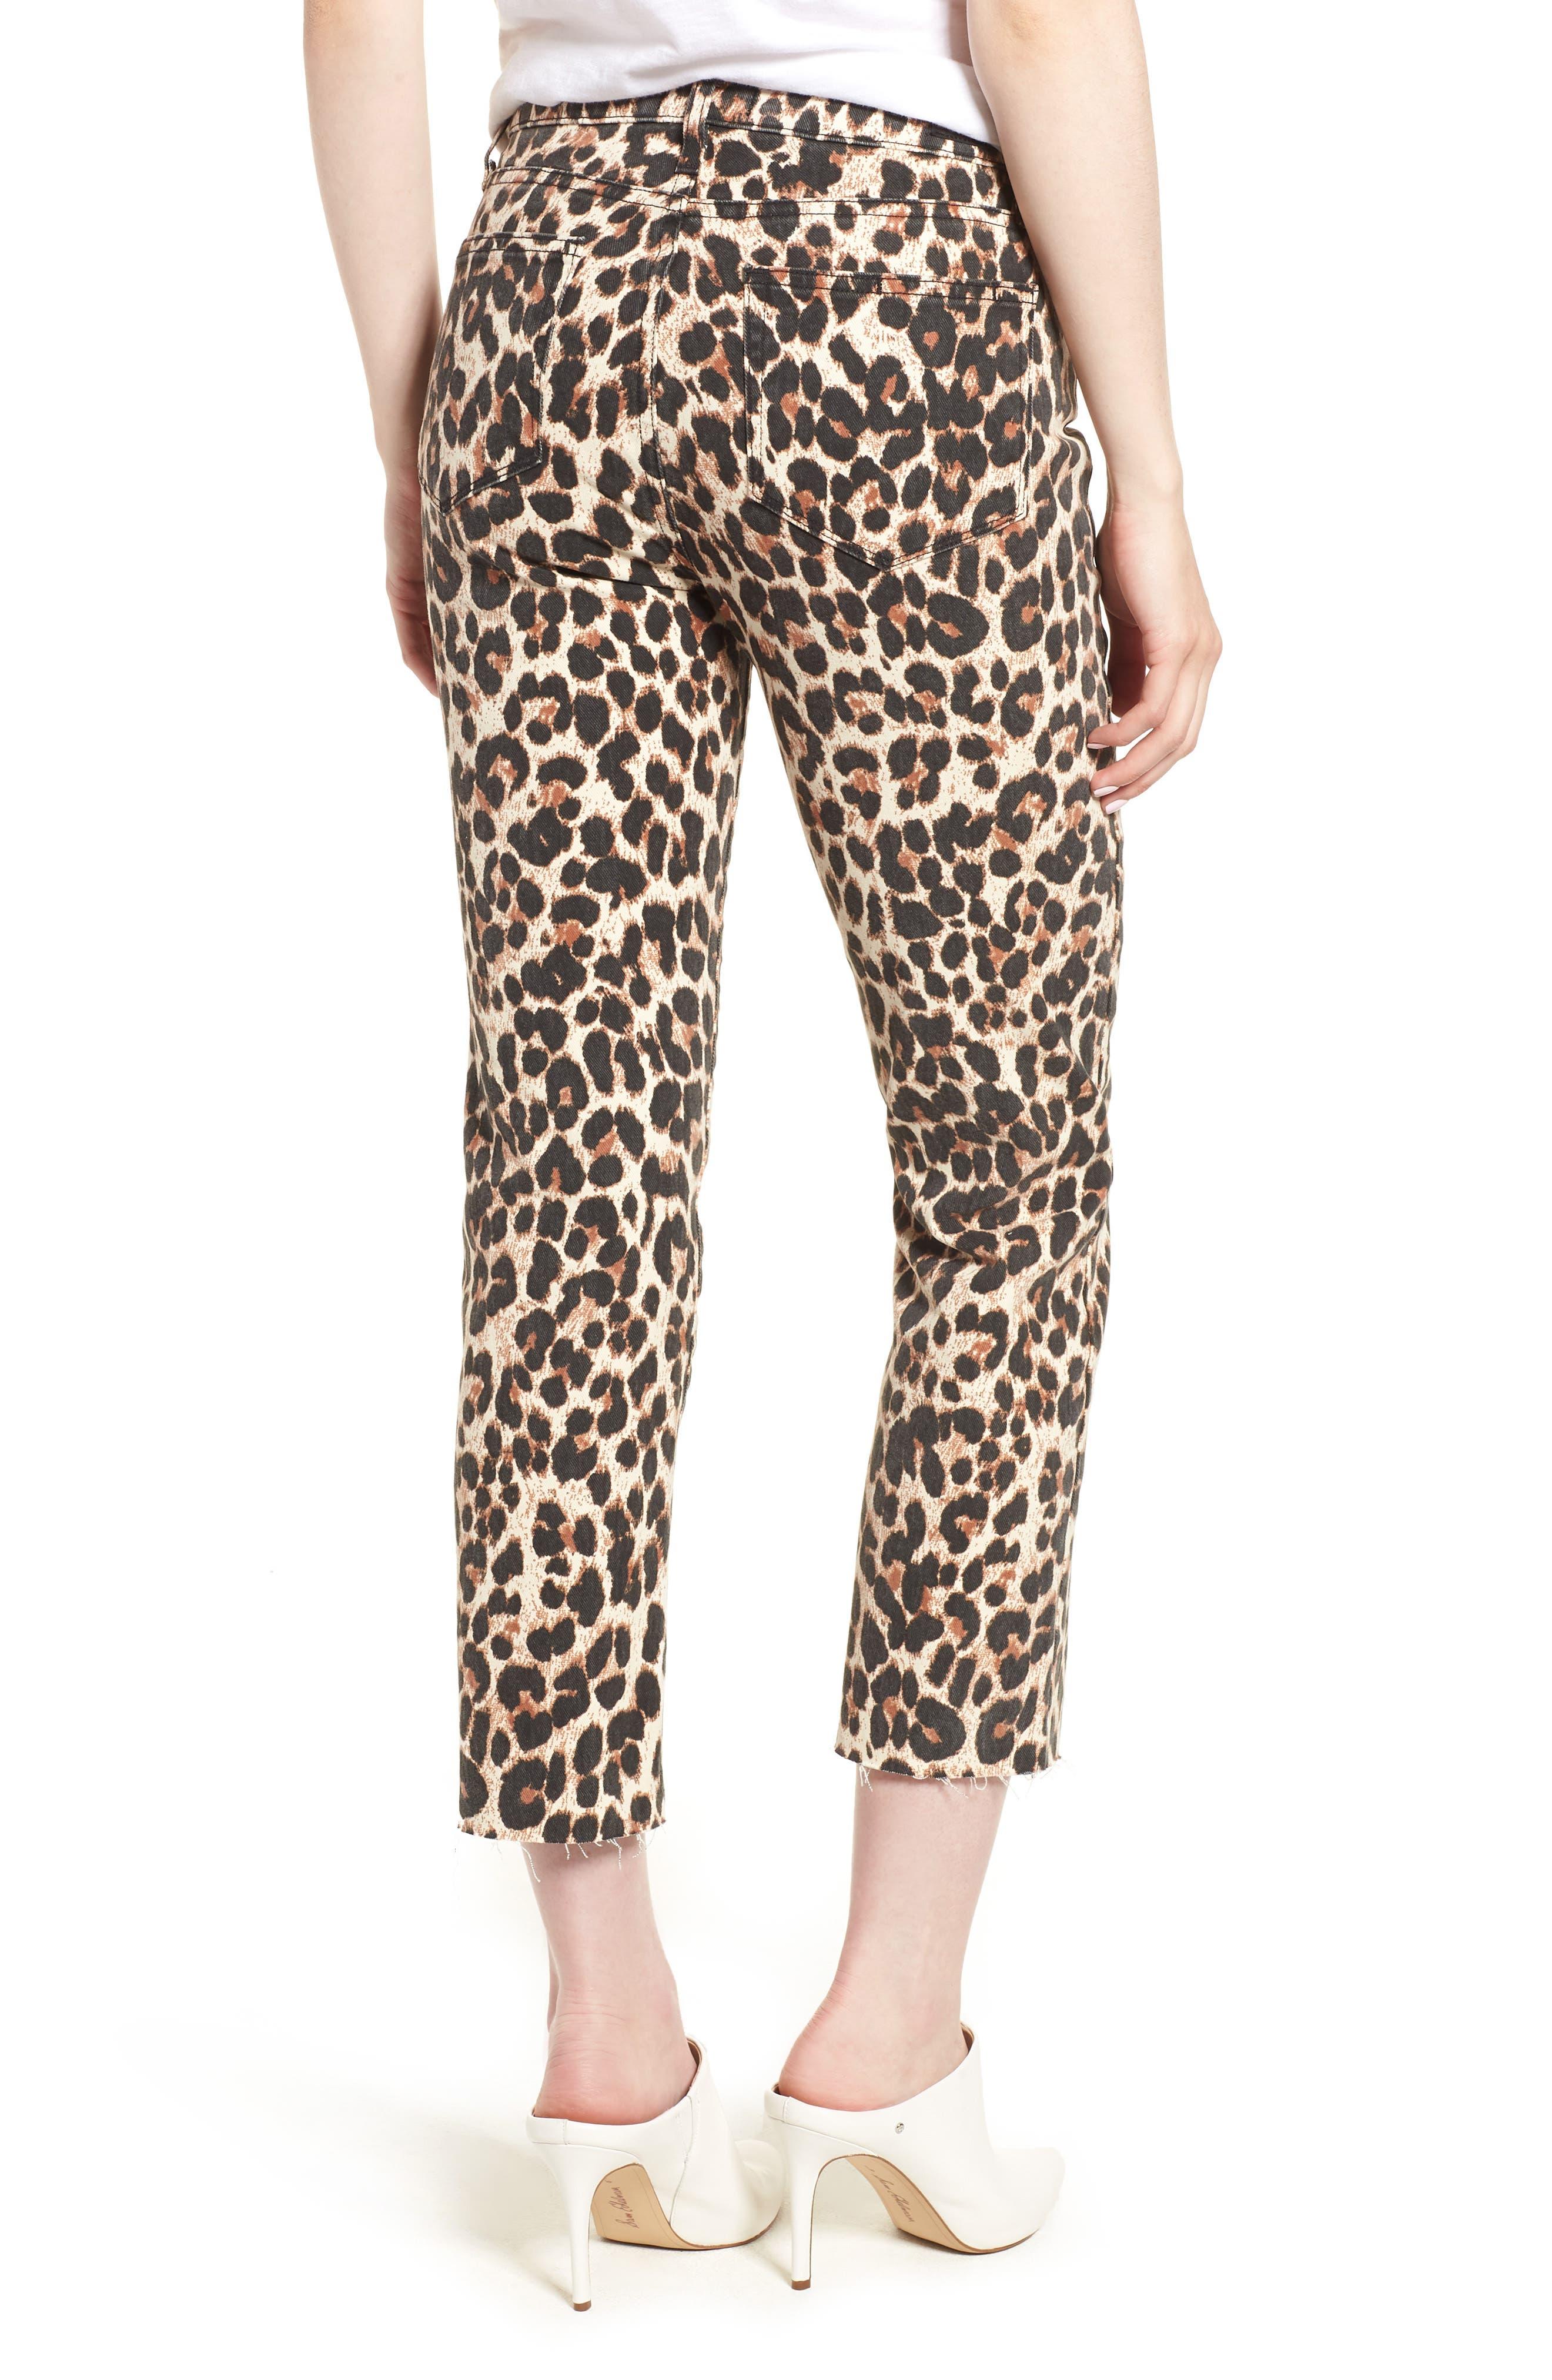 Hoxton High Waist Ankle Straight Leg Jeans,                             Alternate thumbnail 2, color,                             SAHARA LEOPARD